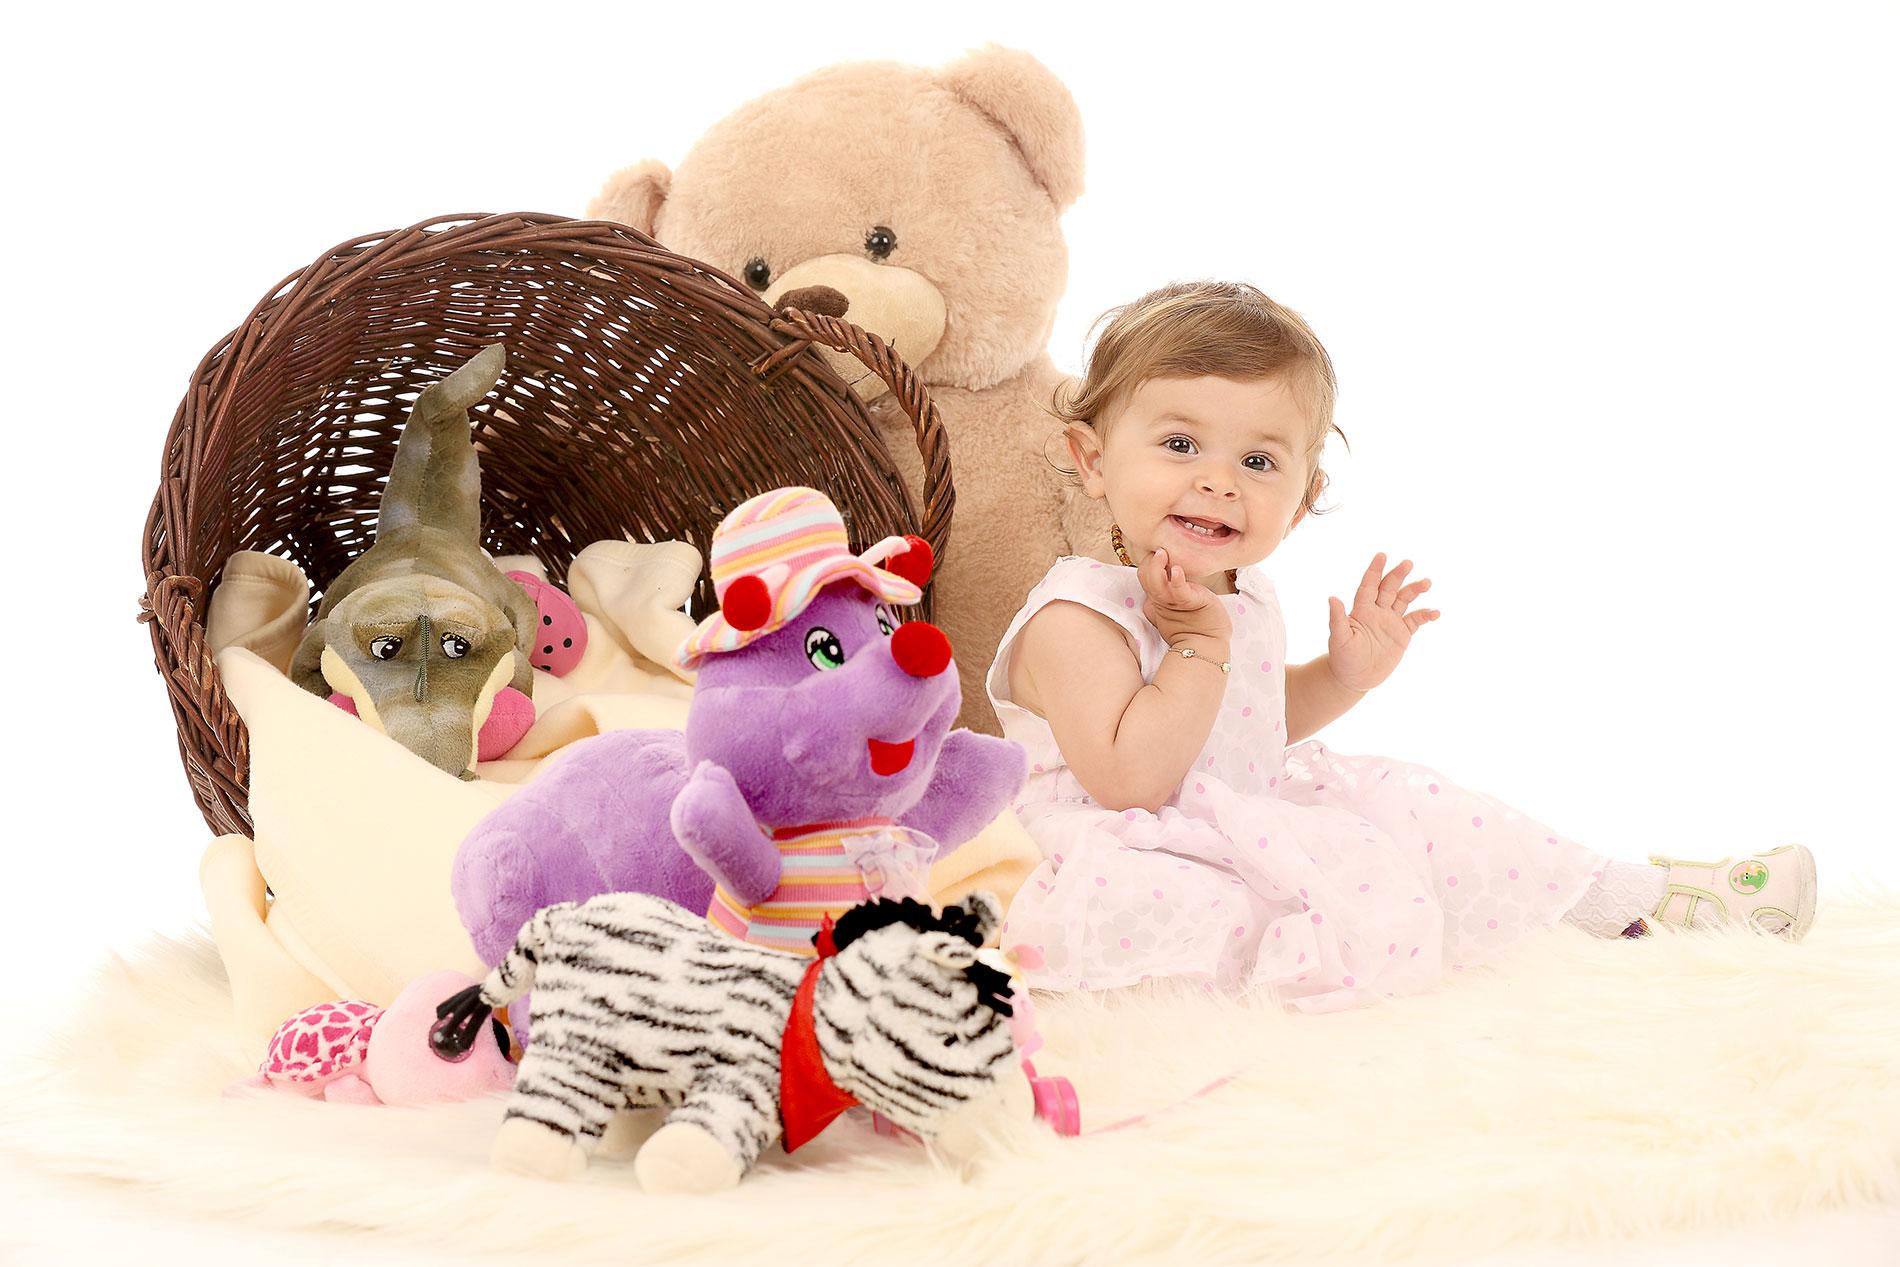 Kinder und Baby Fotoshooting